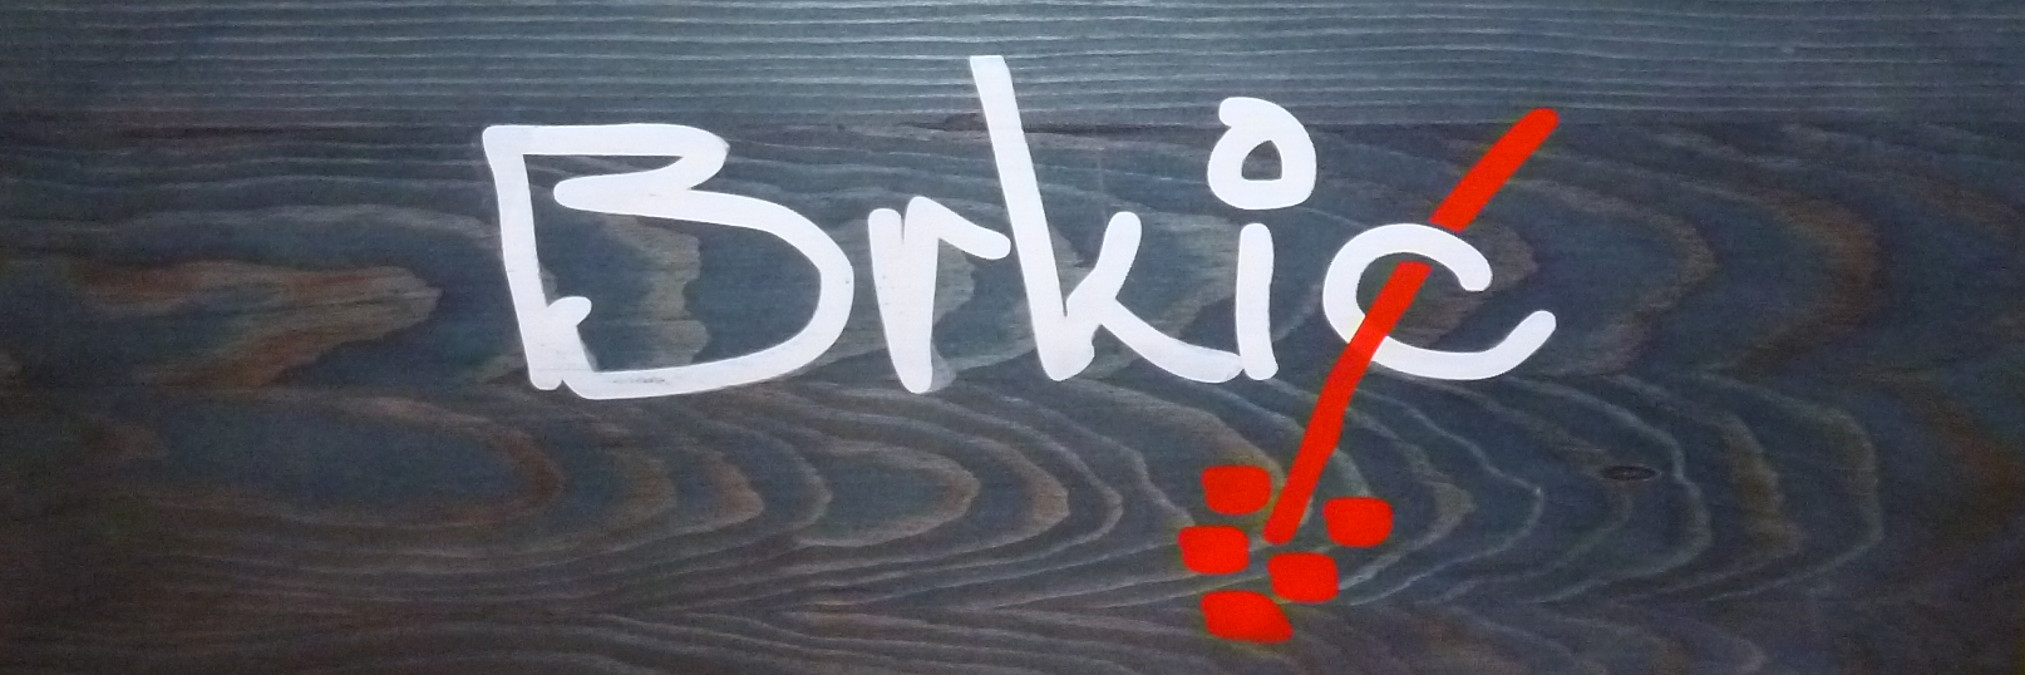 Винодельня Brkić